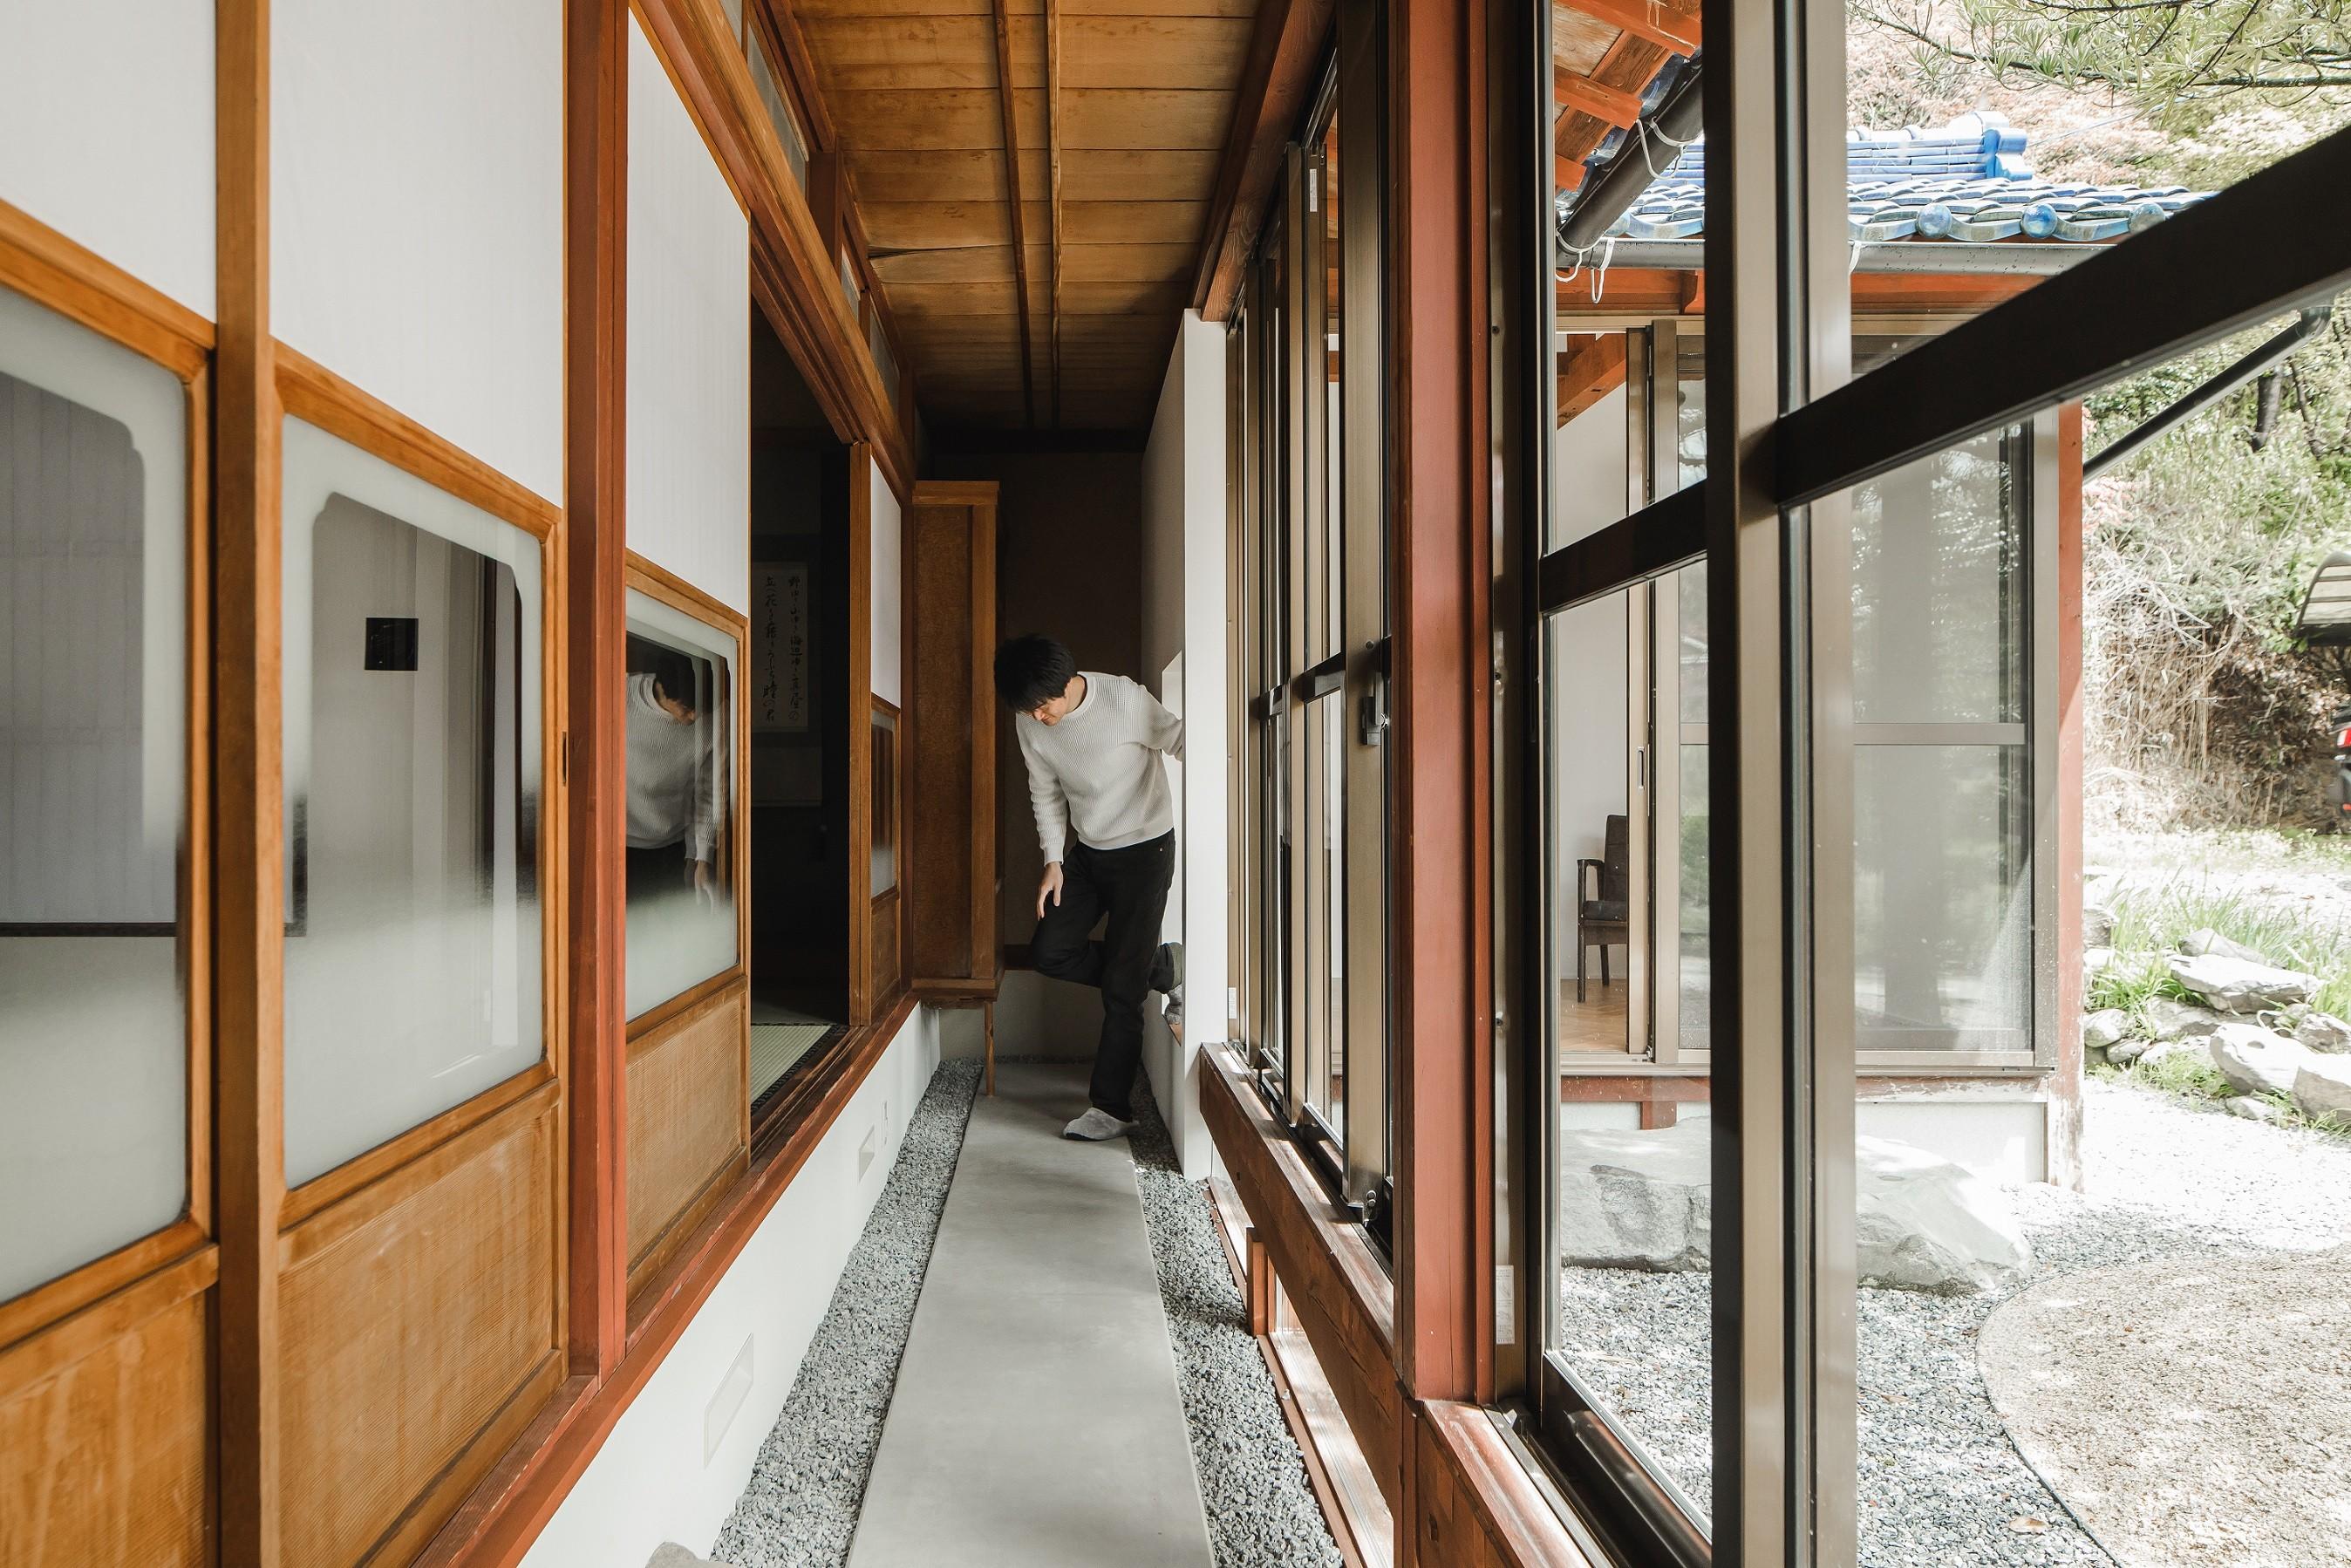 書斎事例:廊下(古民家カフェみたいな日本家屋リノベーション(下戸山の家リノベーション))